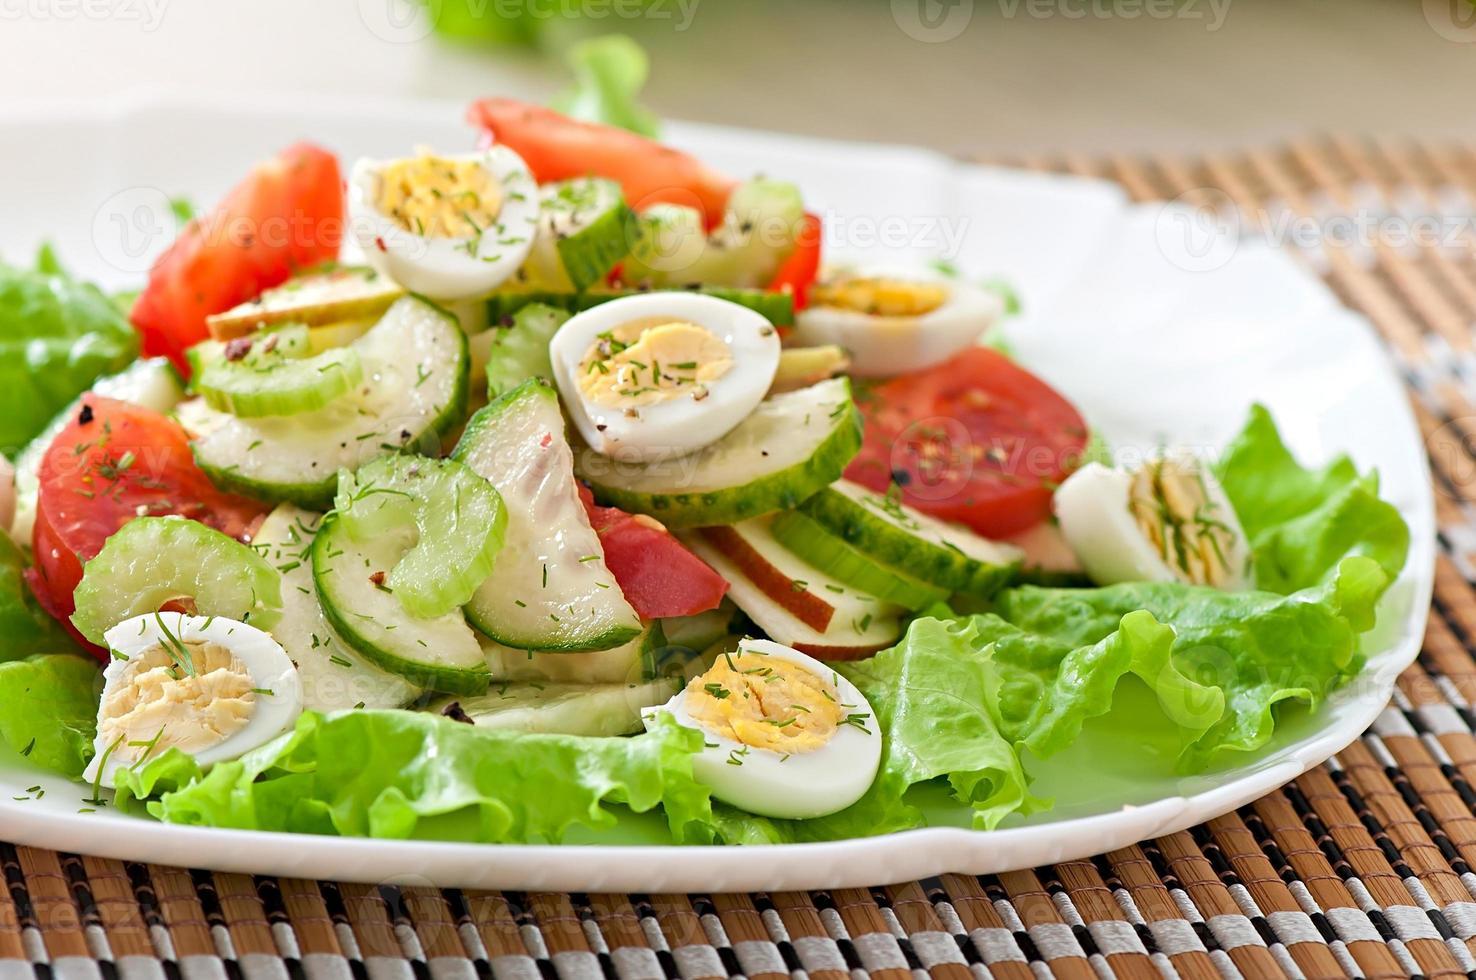 salade van tomaten, komkommers en kwarteleitjes foto